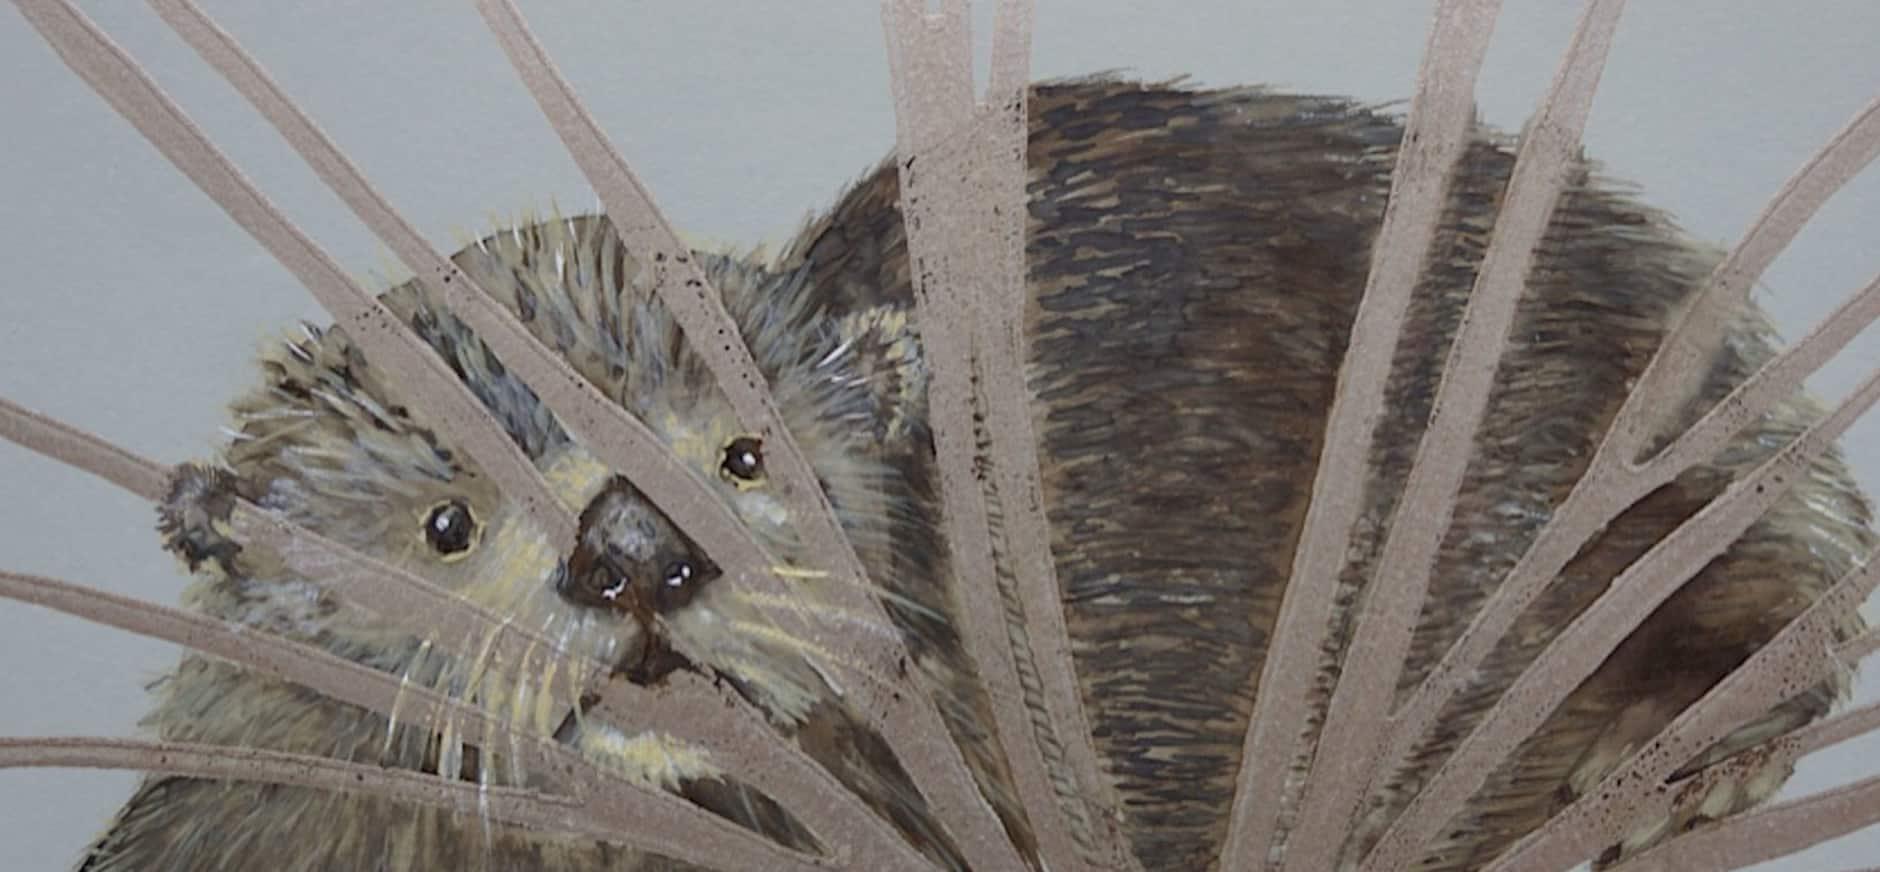 Bezoekerscentrum Nieuwkoopse Plassen viert geboorte van otterjongen met kunstexpositie